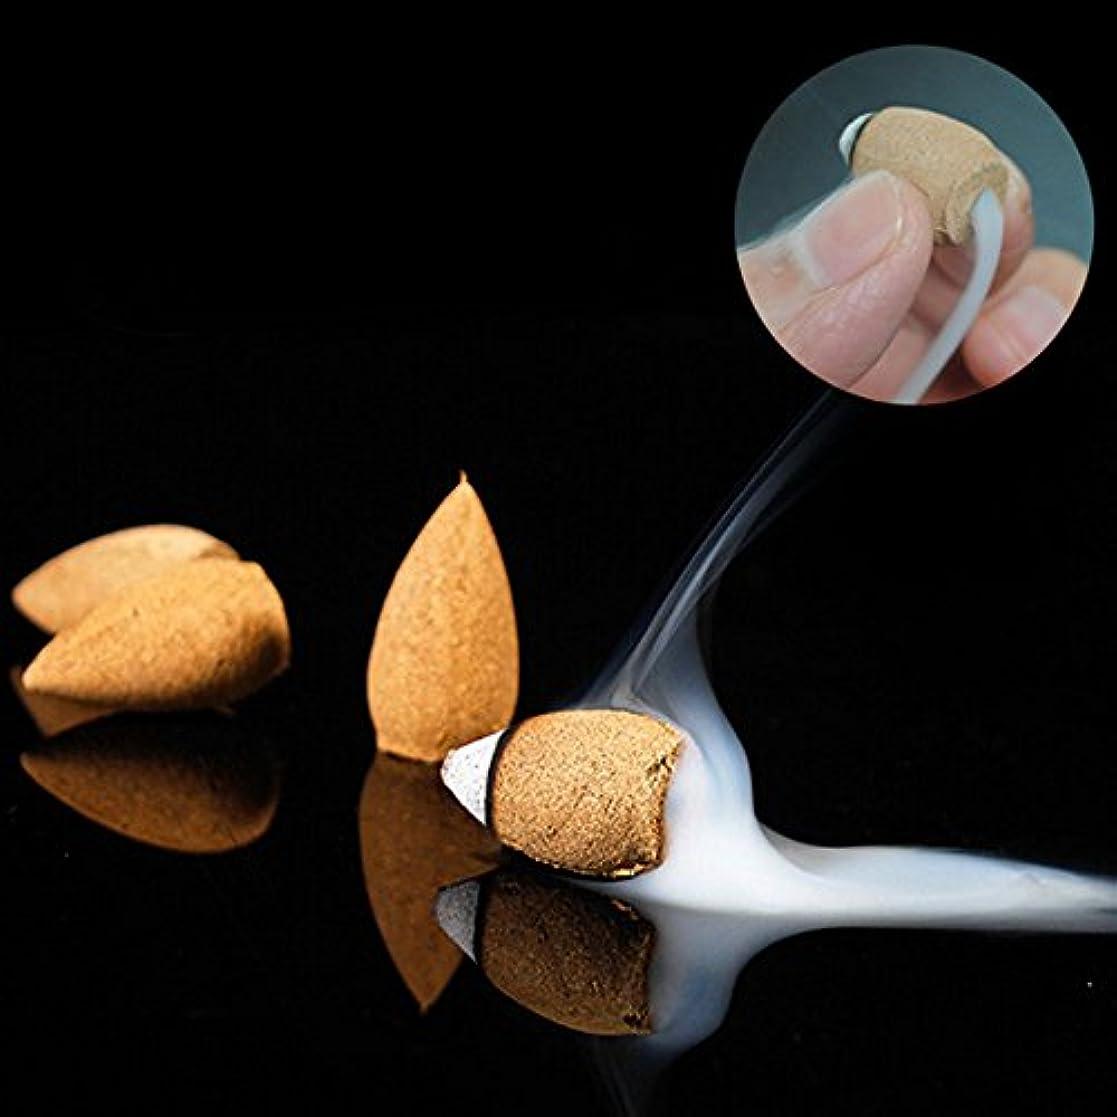 感嘆符アロング師匠TOPmountain 10個還流タワー 逆流香 セラミックバーナー ナチュラル実践 2.9 * 2 * 2cm サンダルウッドアロマセラピー